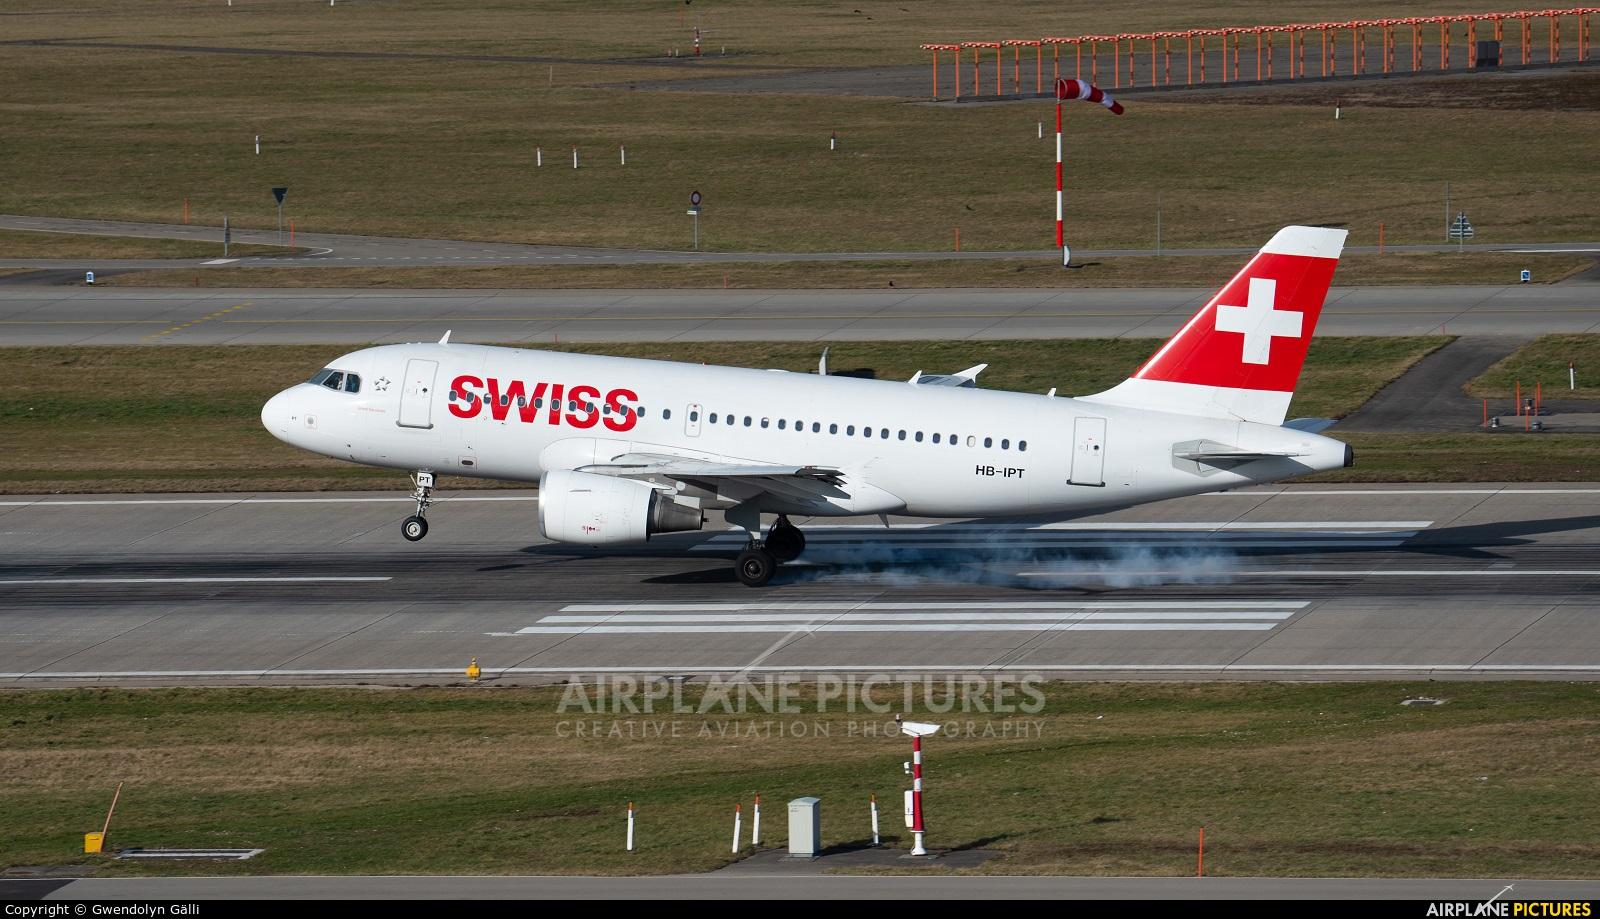 Swiss HB-IPT aircraft at Zurich